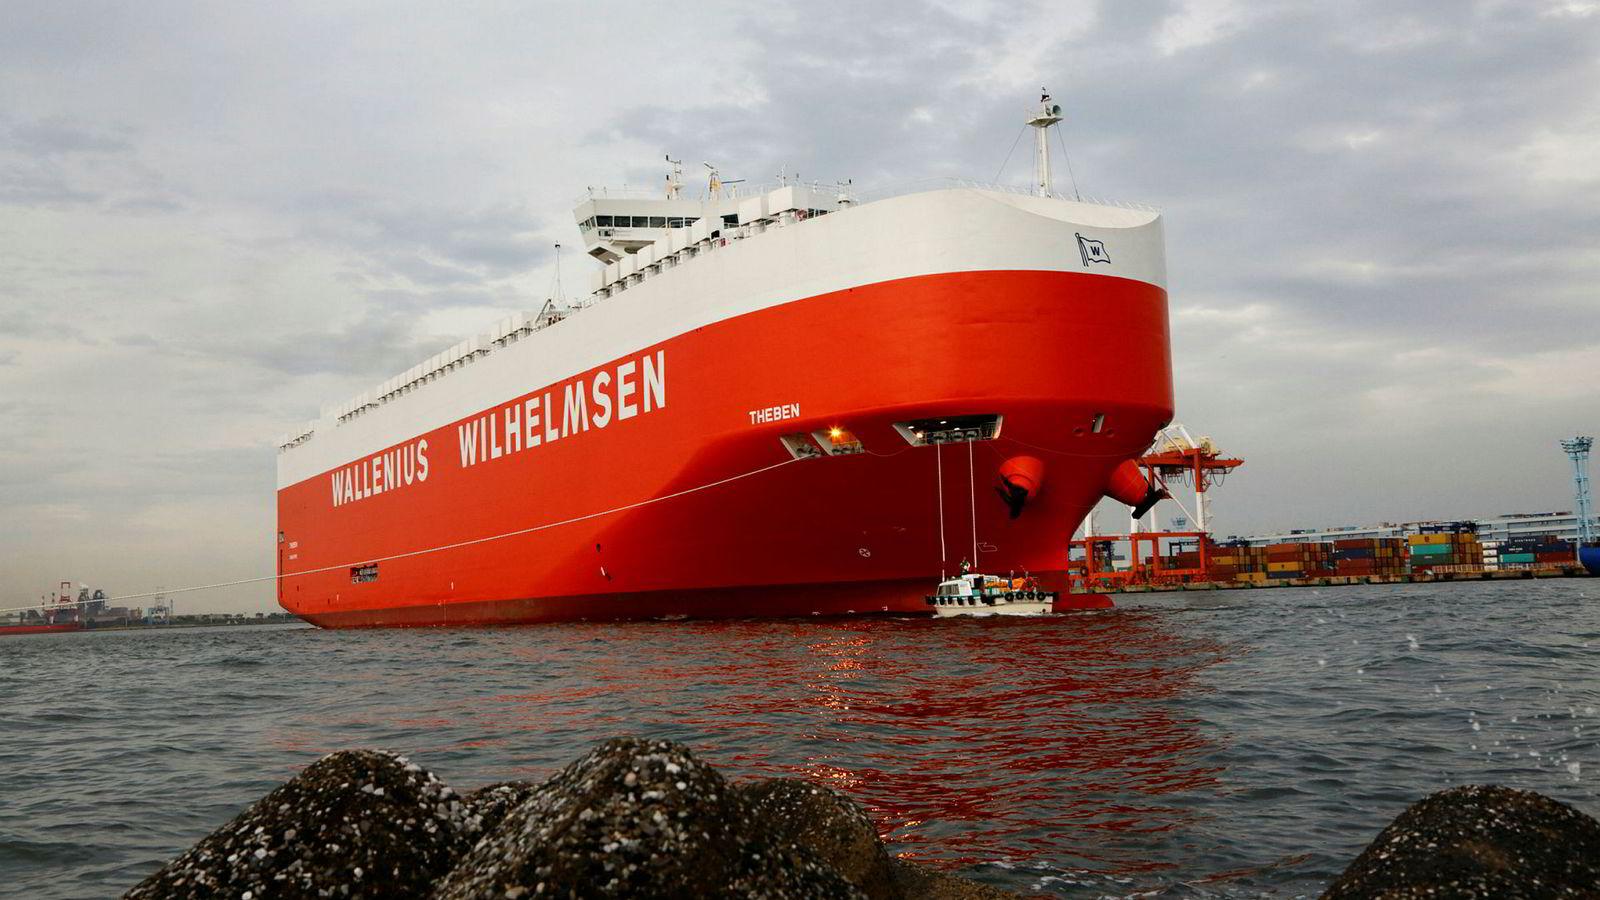 Et av de store bilskipene i Wallenius Wilhelmsen-flåten, «Theben».